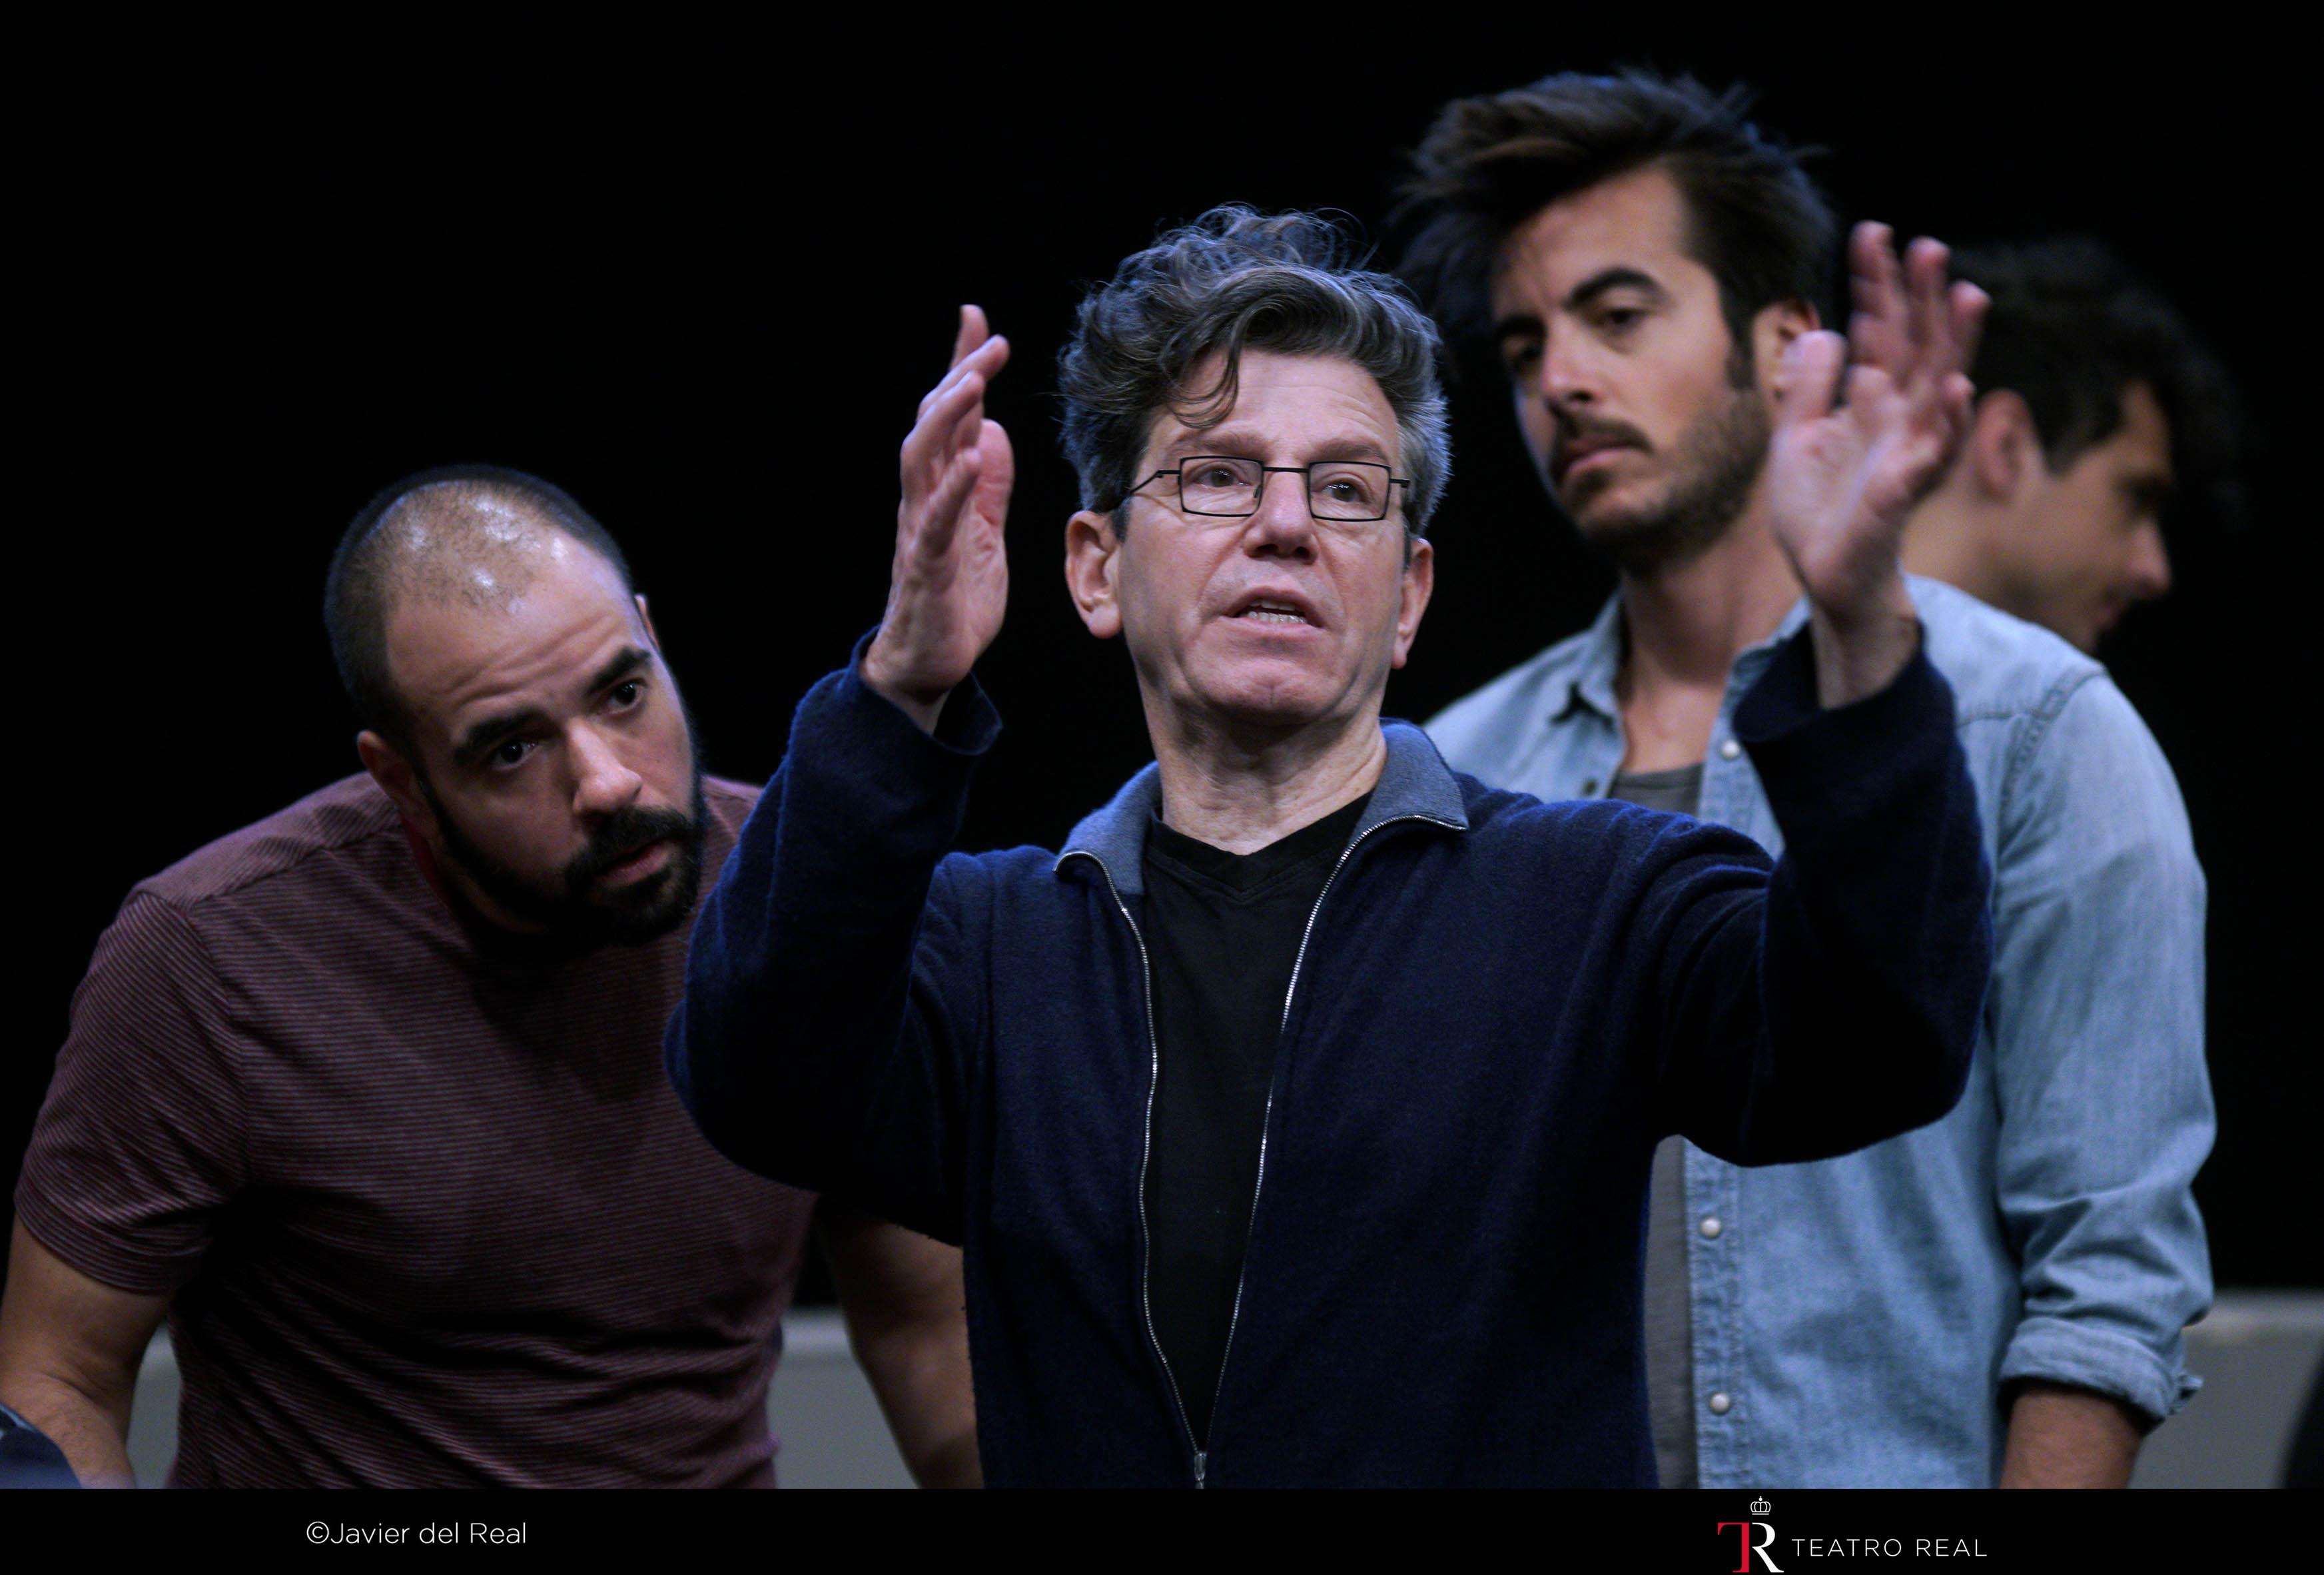 José Carlo Marino (coro), Robert Carsen (director de escena) y Álvaro Hurtado (actor). Fotógrafo: © Javier del Real   Teatro Real.